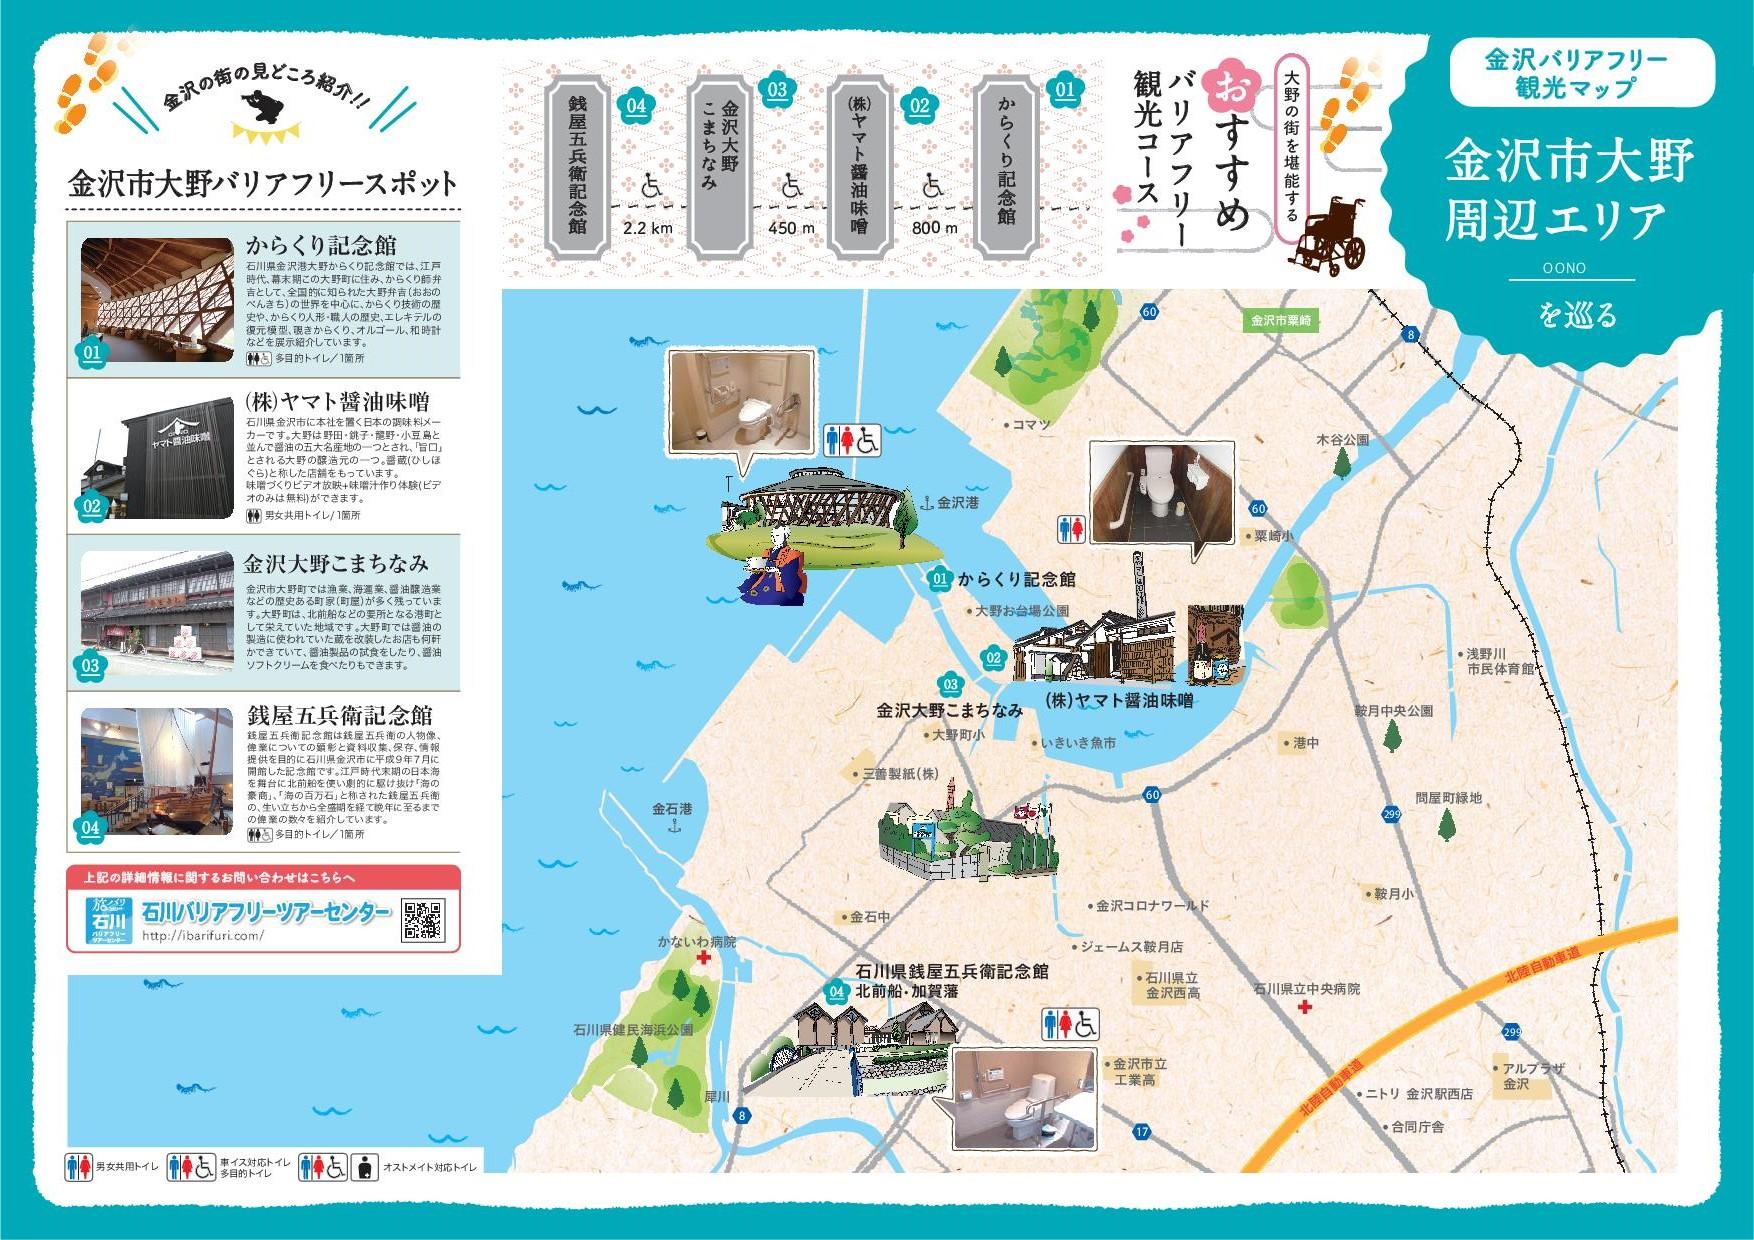 金沢バリアフリー観光マップ | モデルコース | 石川バリア ...